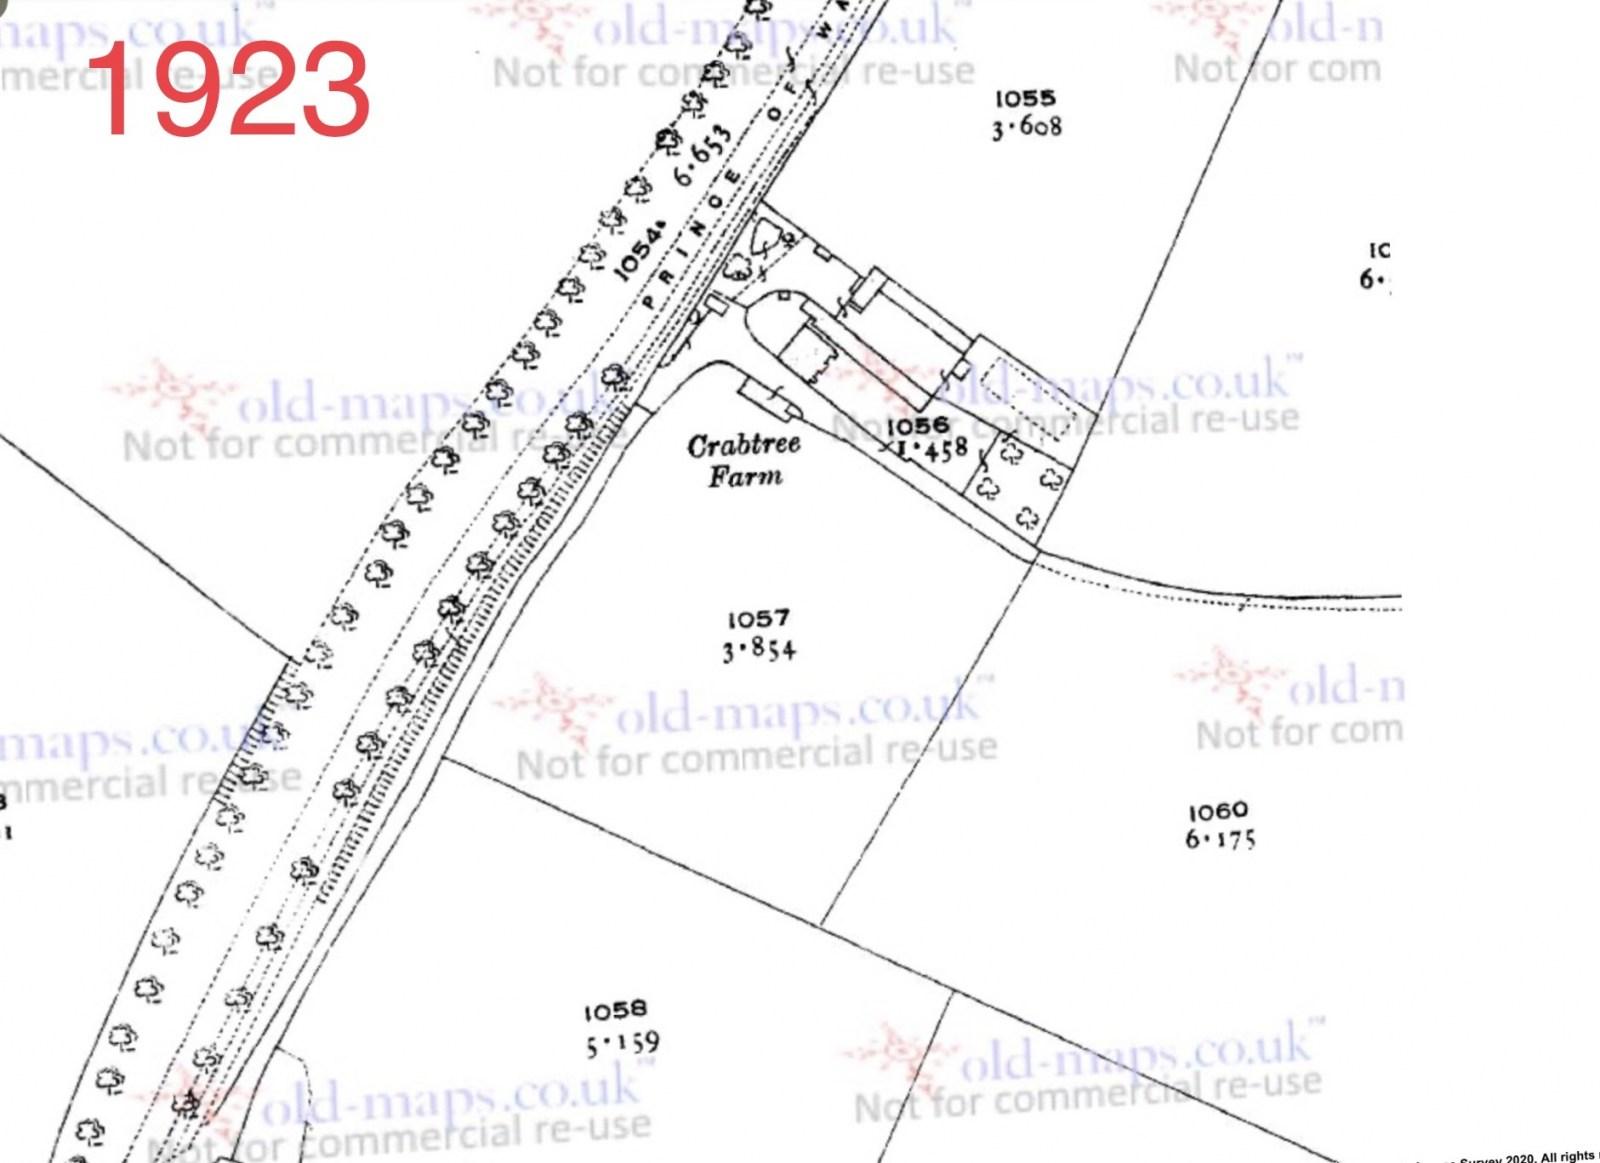 C5BF5E73-3BE5-47FA-880E-DD09528F6CFB.jpeg